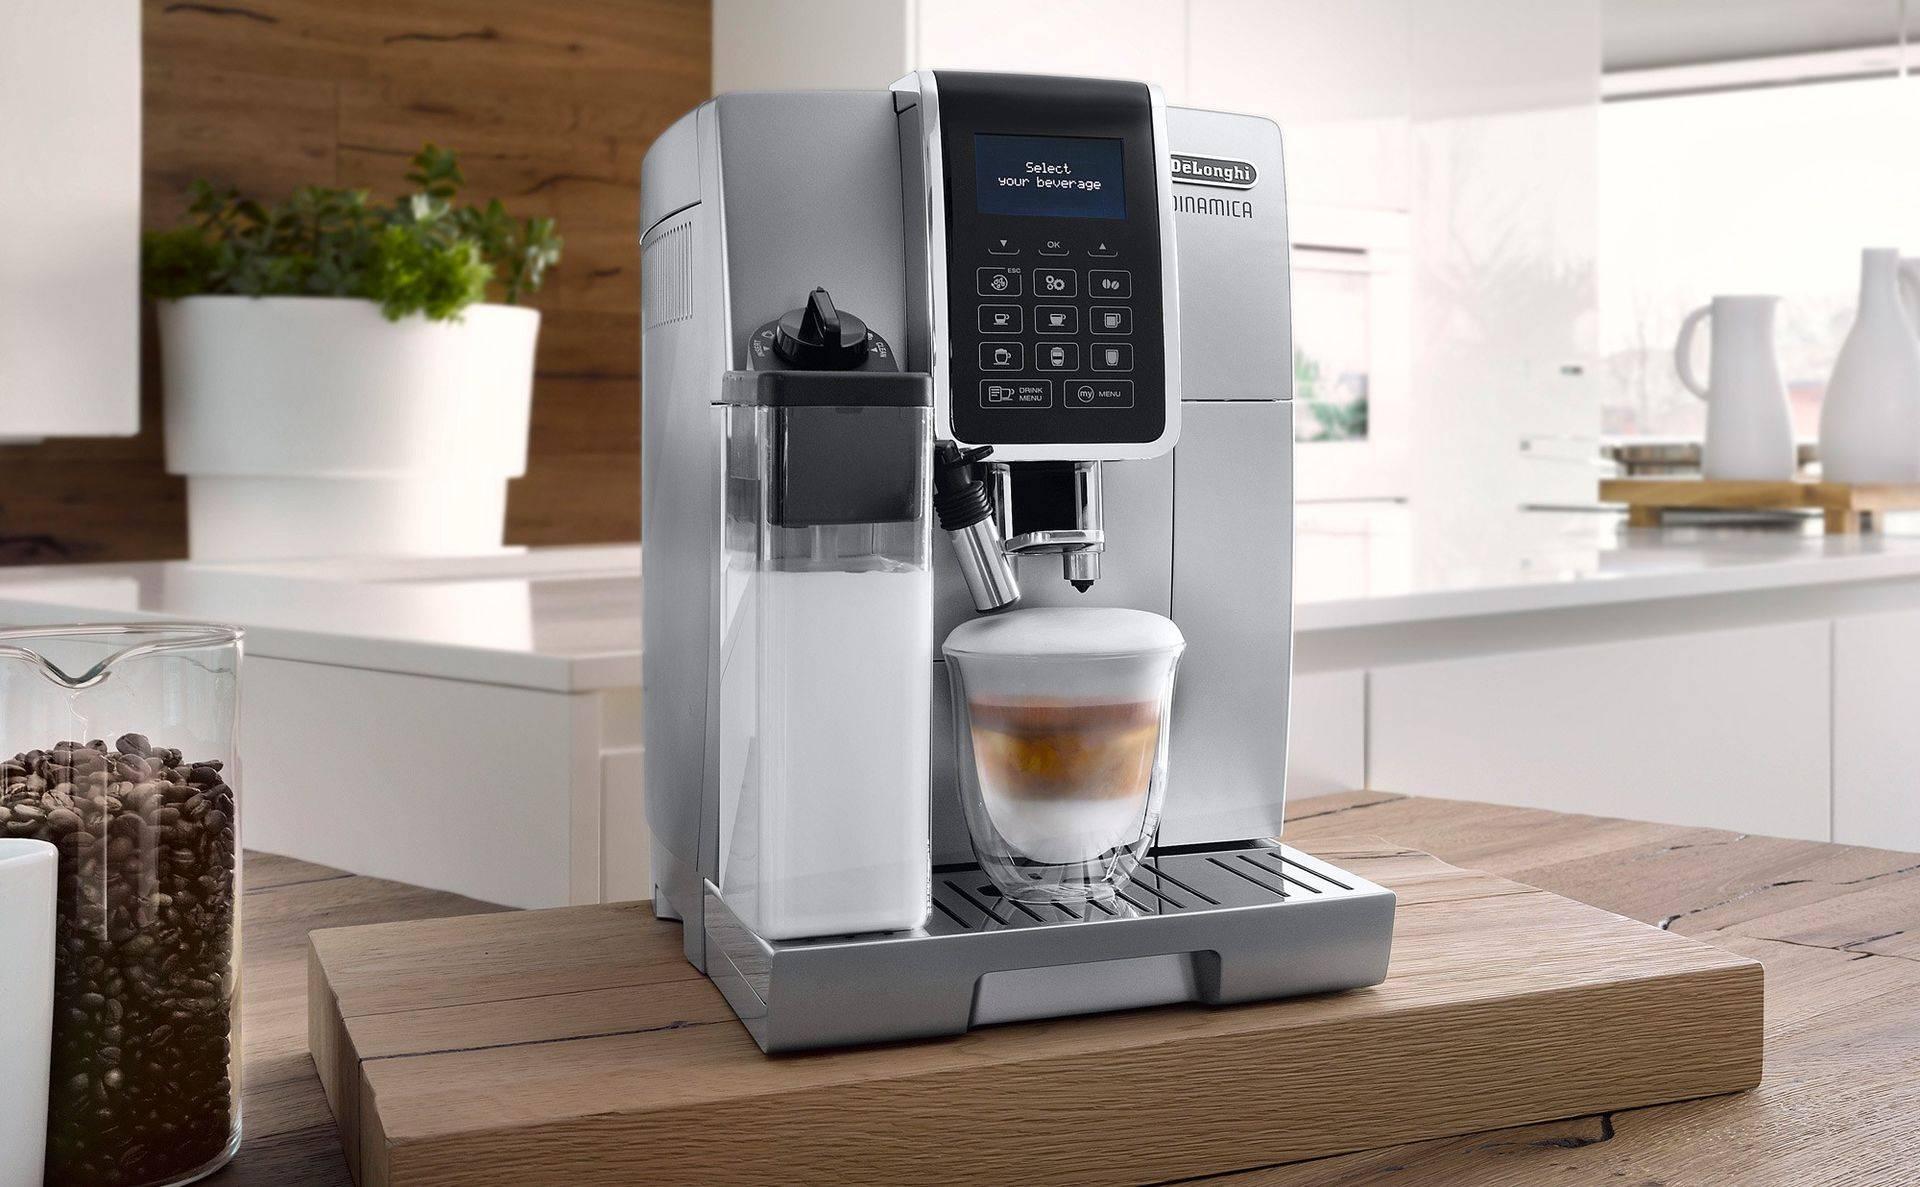 Кофемашина для дома: как выбрать, рейтинг 2018 лучших моделей, характеристики, преимущества и недостатки, цены, отзывы